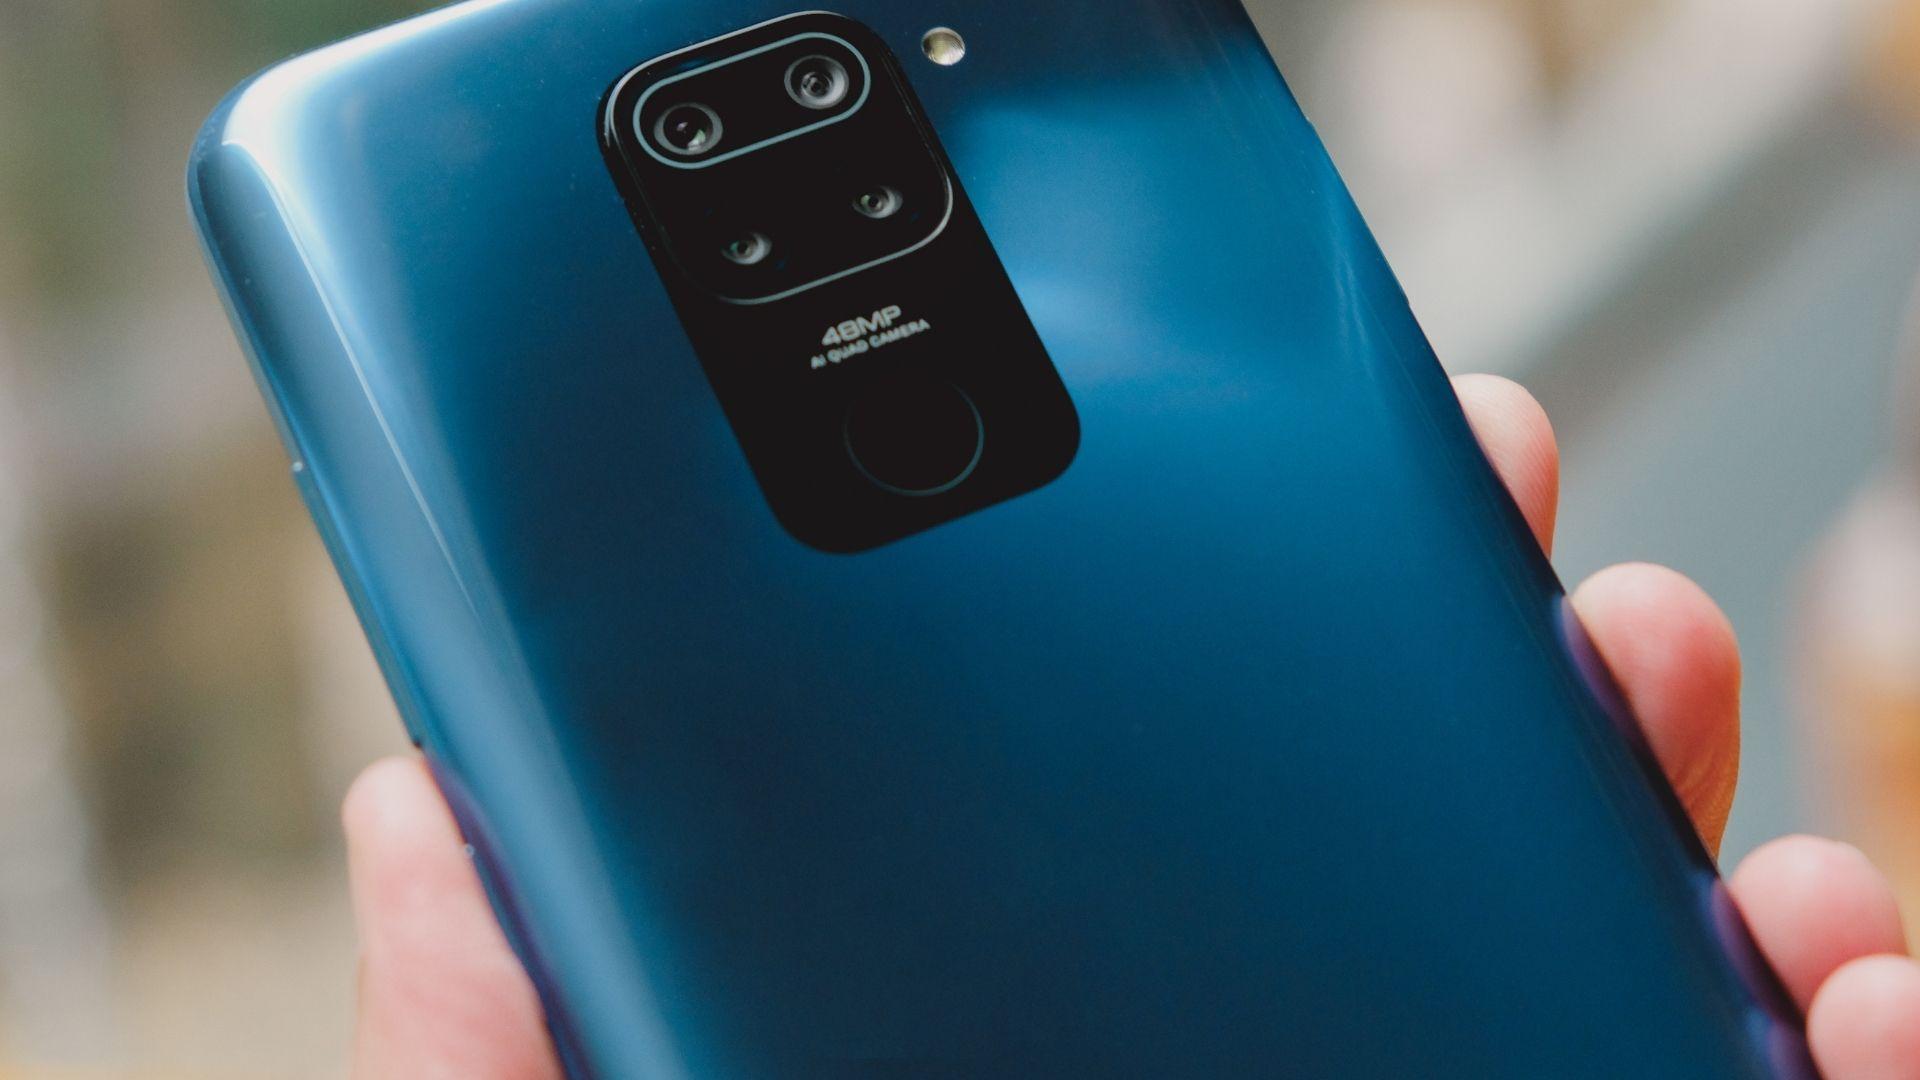 Conjunto de câmeras do Redmi Note 9 (Foto: Framesira / Shutterstock.com)